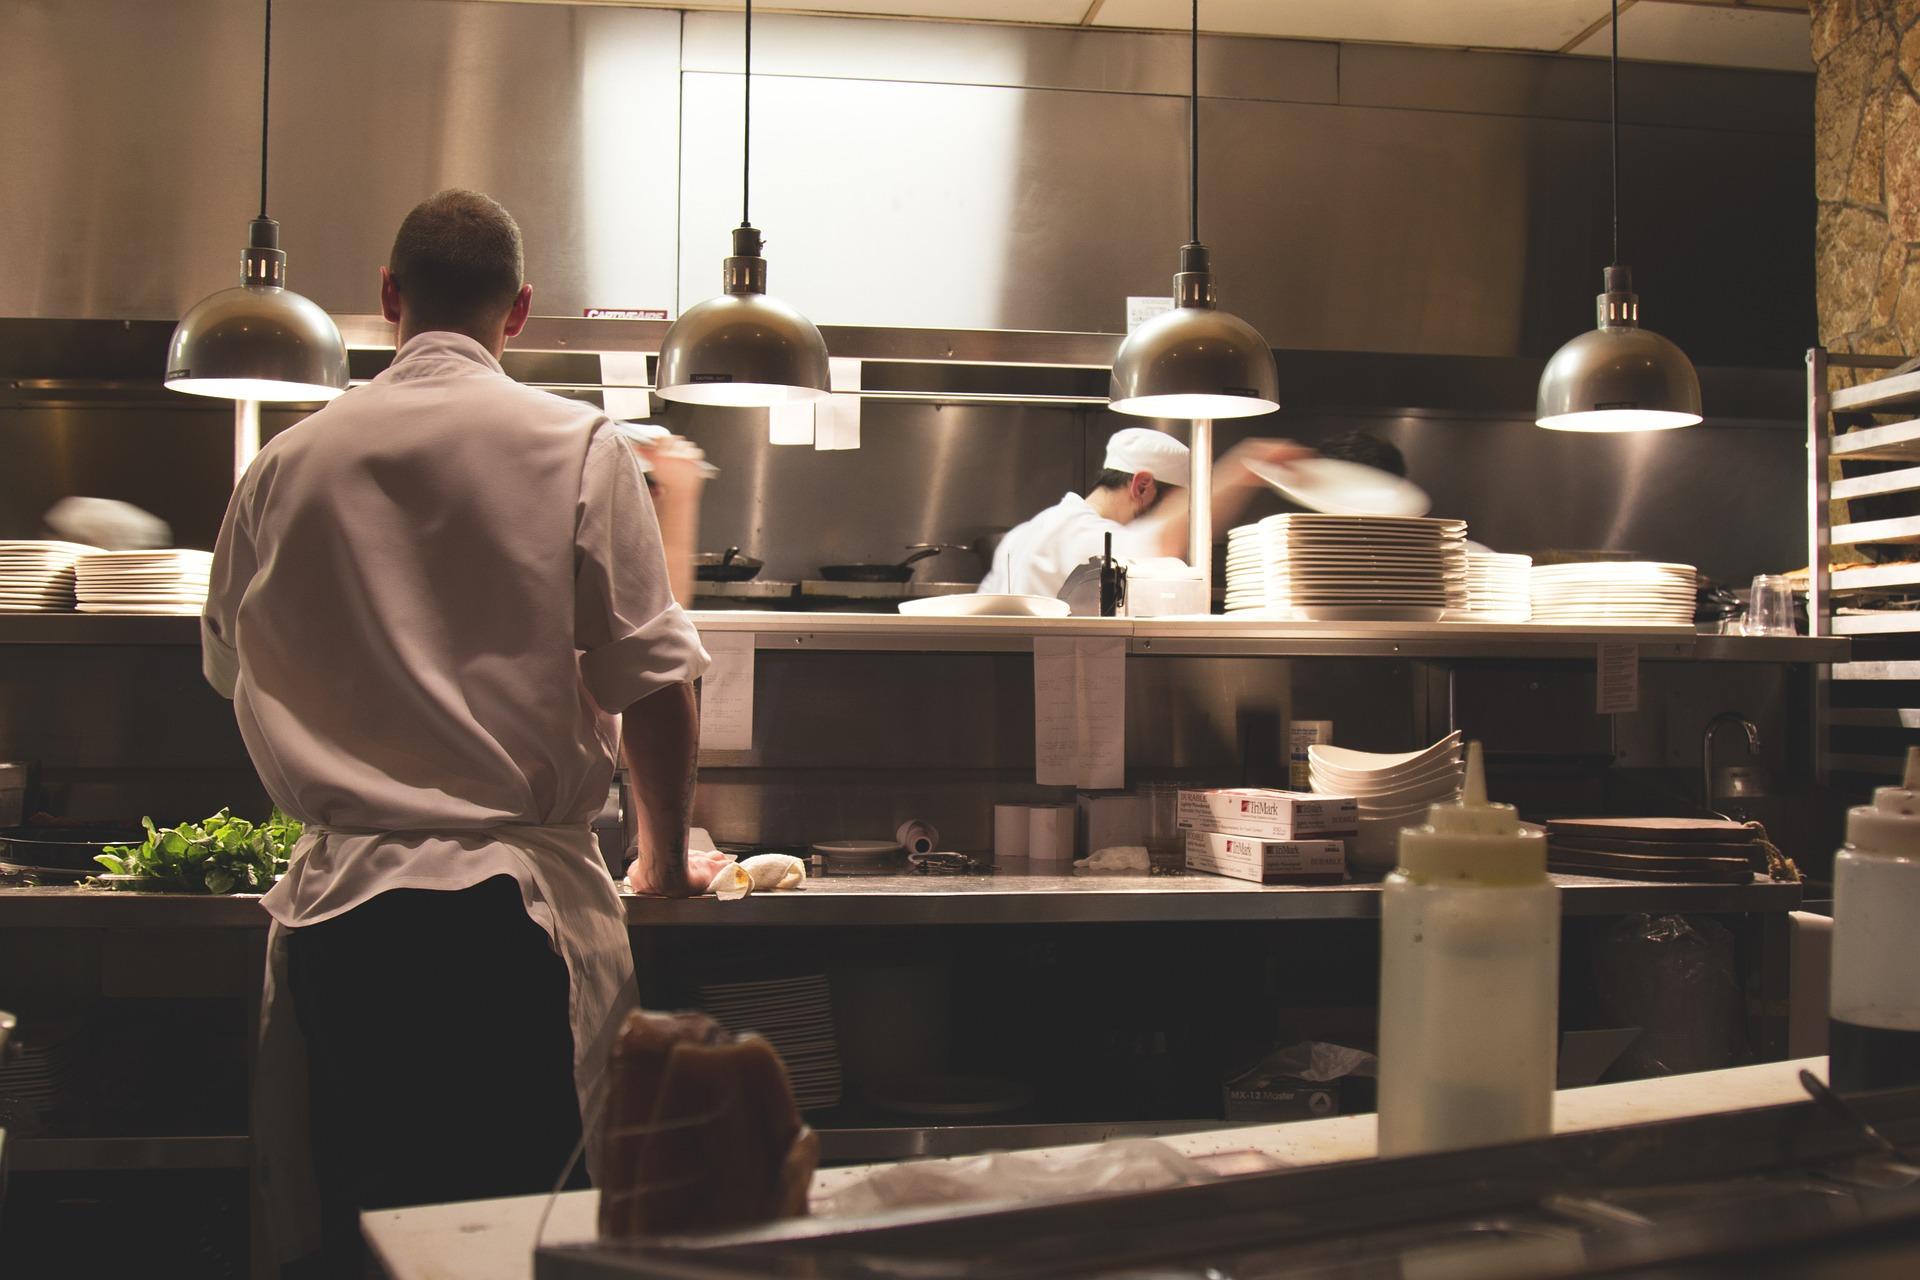 EdgeServ Restaurant Point of Sale Solution